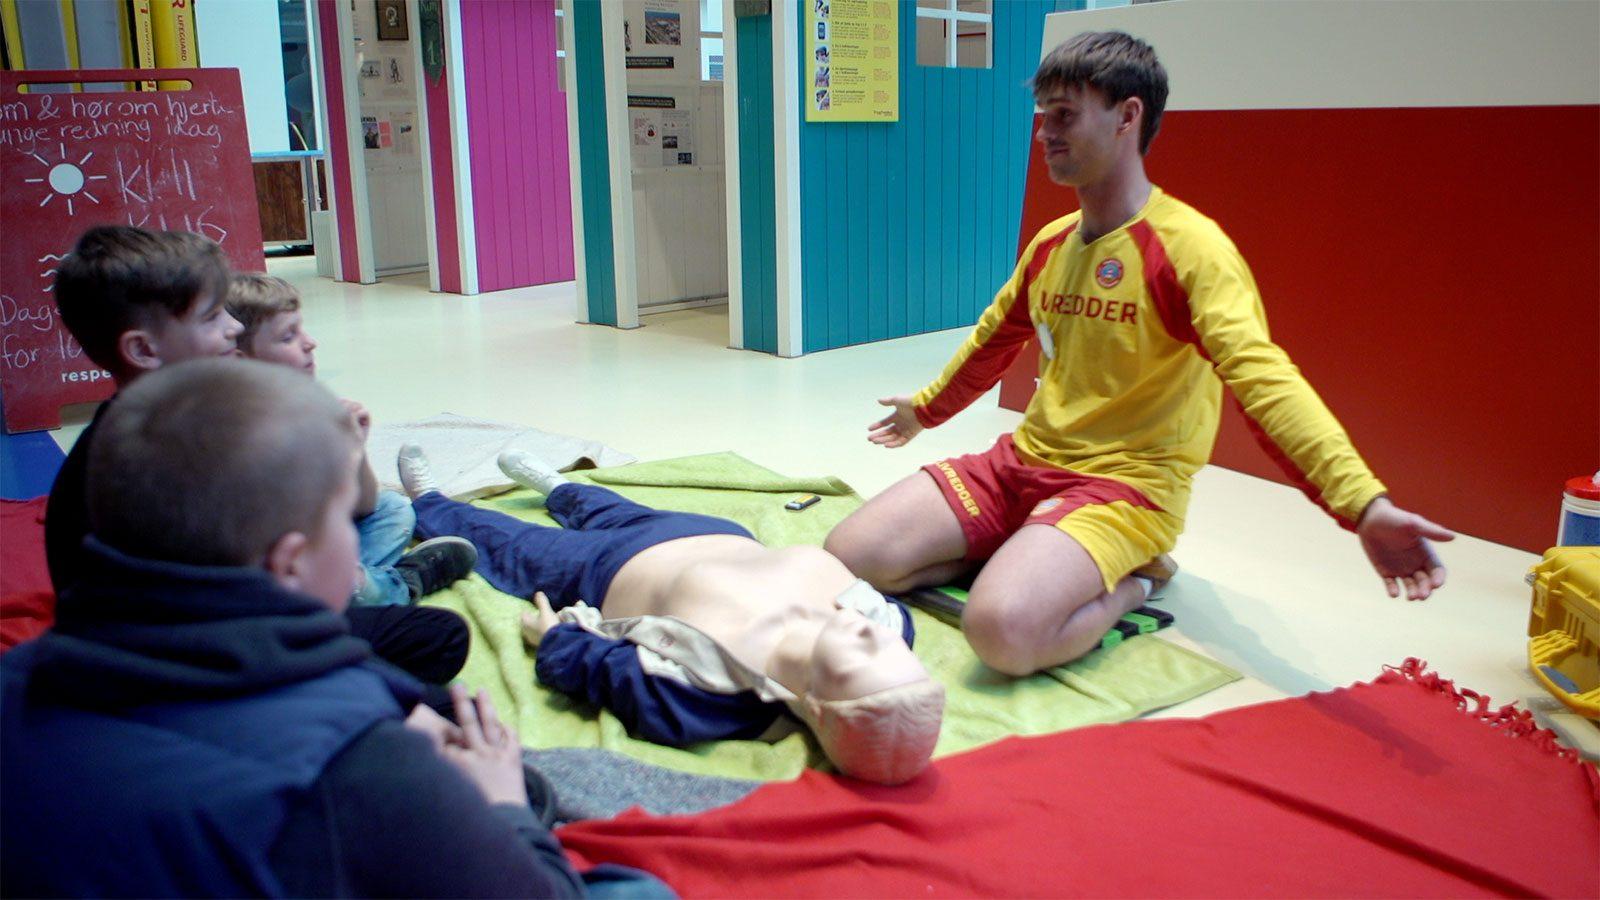 h248r om hjertelungeredning kan du f248rstehj230lp og redde liv